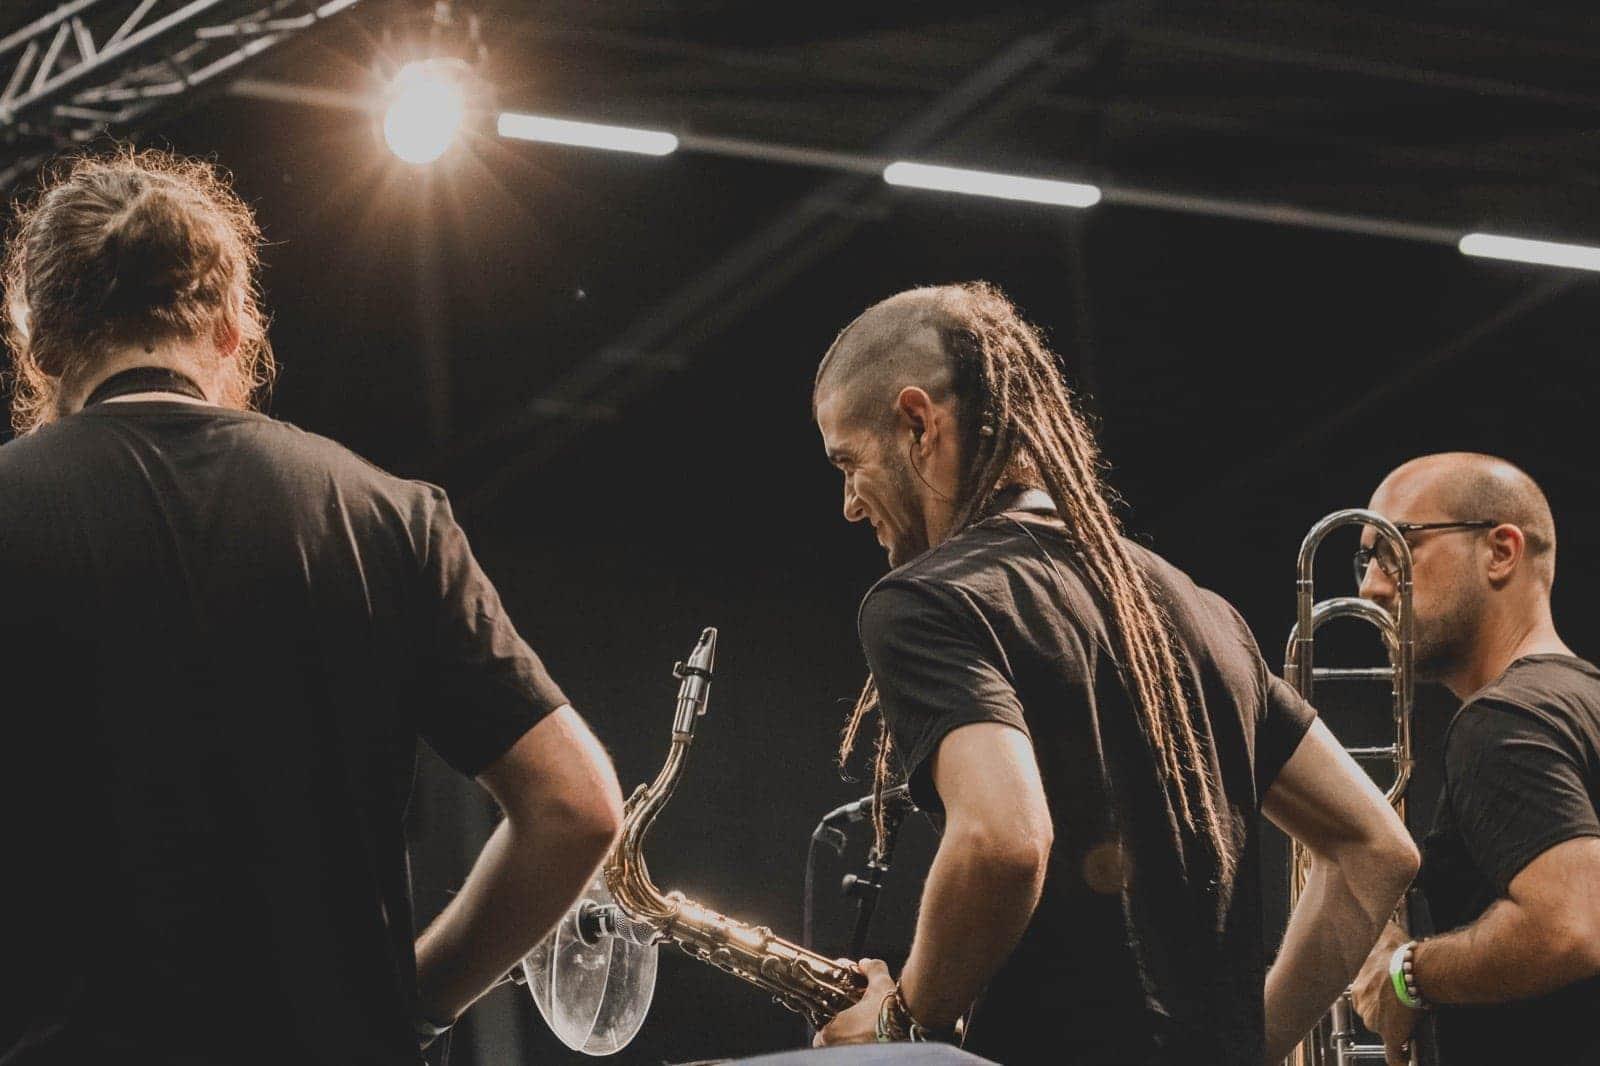 La actuación en Rotterdam del músico dianense, el día de Aruba, Curaçao y Bonaire, las Antillas Holandesas